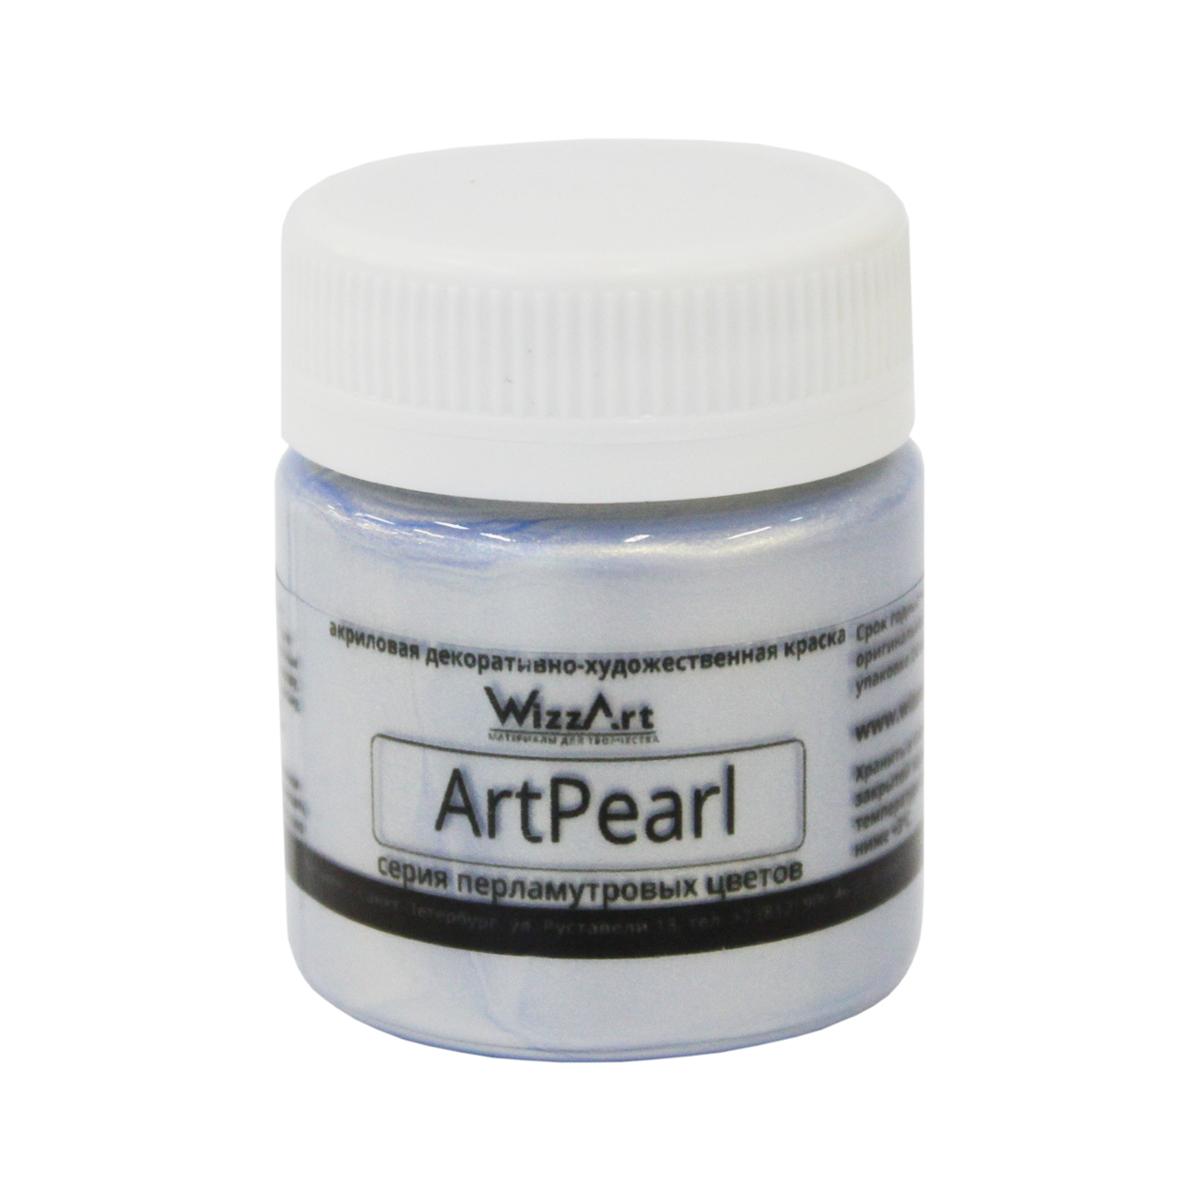 Краска акриловая Wizzart ArtPearl. Хамелеон, цвет: ультрамарин, 40 мл501051Линейка акриловых красок WizzArt под названием ArtPearl. Хамелеон- это широкий ассортимент оттенков. Эффект хамелеона помогает создать красивейшие рисунки и замечательный декор. Акриловая краска быстро высыхает, прочно держится, создает ровную и гладкую поверхность, которая красиво переливается на свету. Ее мягкое сияние придаст изюминку любому произведению декоративно-прикладного искусства. Все краски WizzArt отлично совместимы между собой, что открывает широкие горизонты для реализации творческих идей. Ими можно декорировать посуду, открытки, рамки для фото, подарочные коробки, зеркала, елочные игрушки. Акриловые краски WizzArt обладают равномерной текстурой, отлично ложатся на любую обезжиренную поверхность и надежно держатся на ней после высыхания, надолго сохраняя яркость цвета и эластичность. Данные краски не содержат токсичных веществ и не имеют сильного запаха. Объем: 40 мл. Товар сертифицирован.